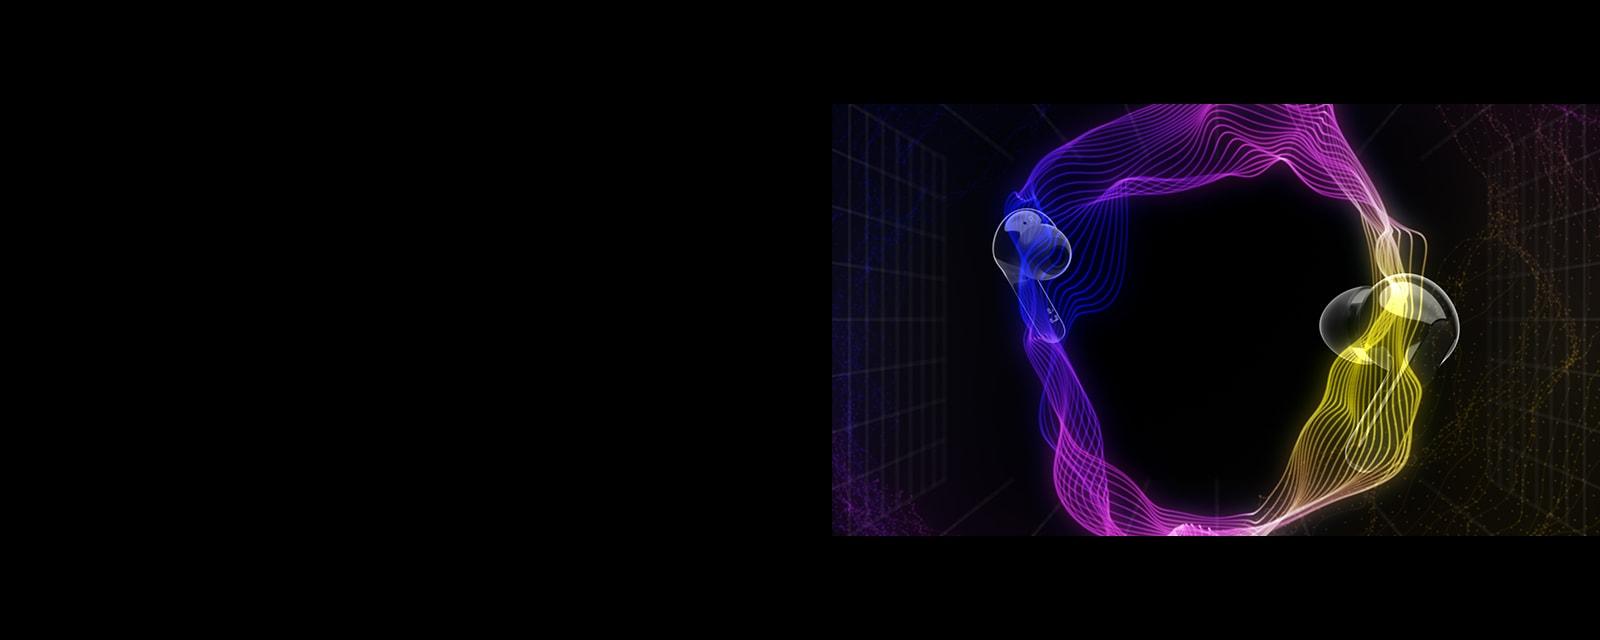 Hình ảnh hai tai nghe nổi trong không gian ảo với ánh sáng đầy màu sắc bao quanh không gian